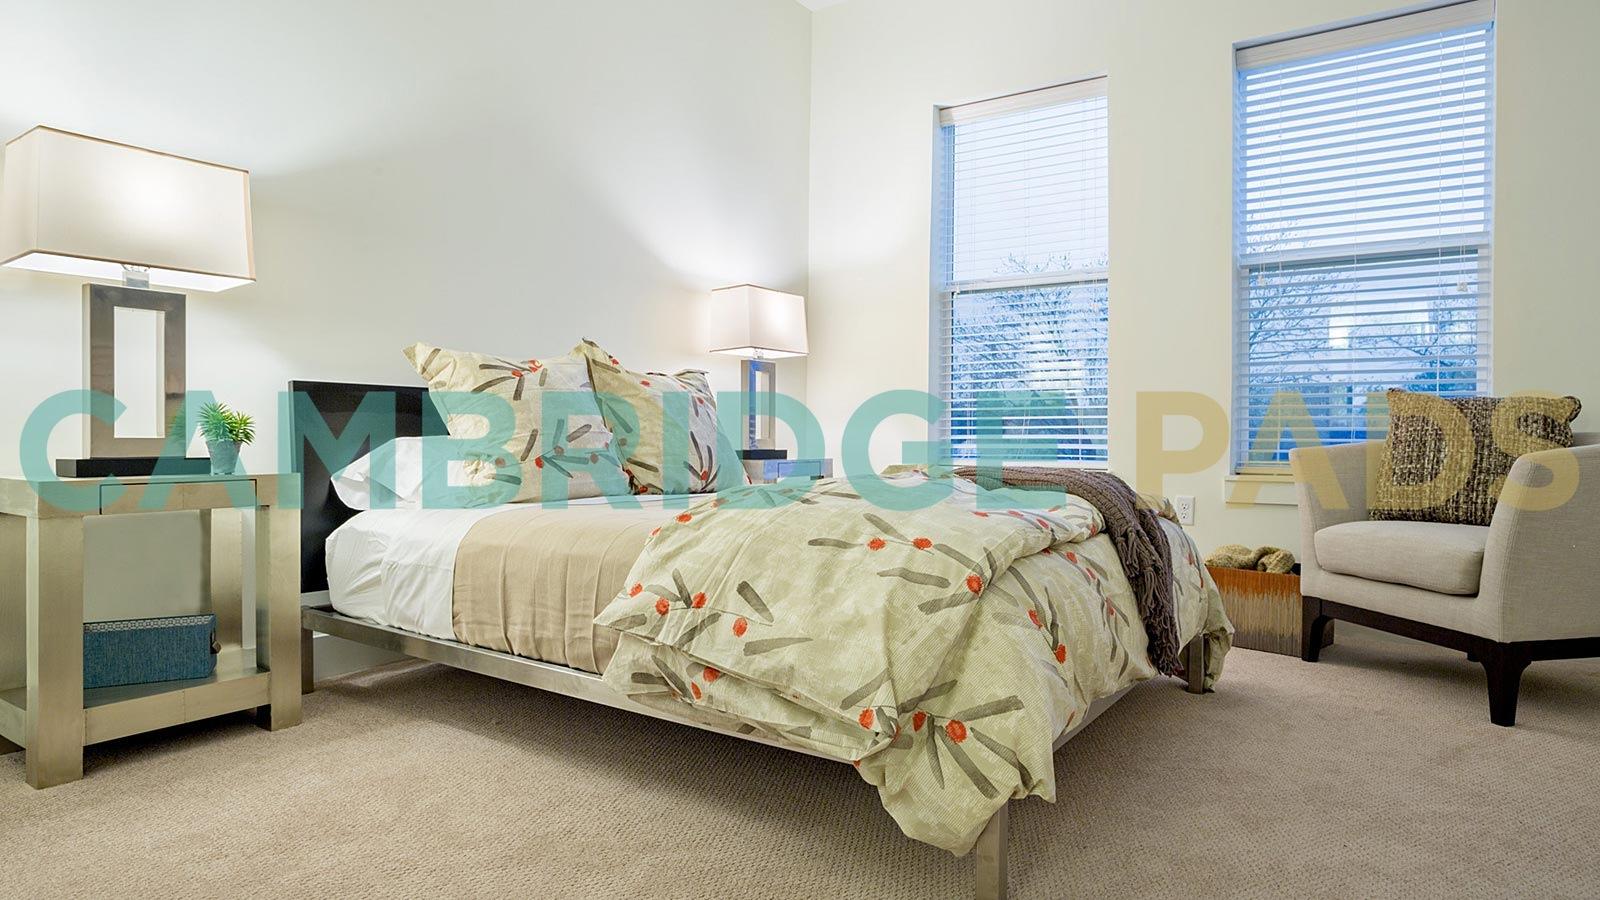 Atmark Cambridge bedrooms